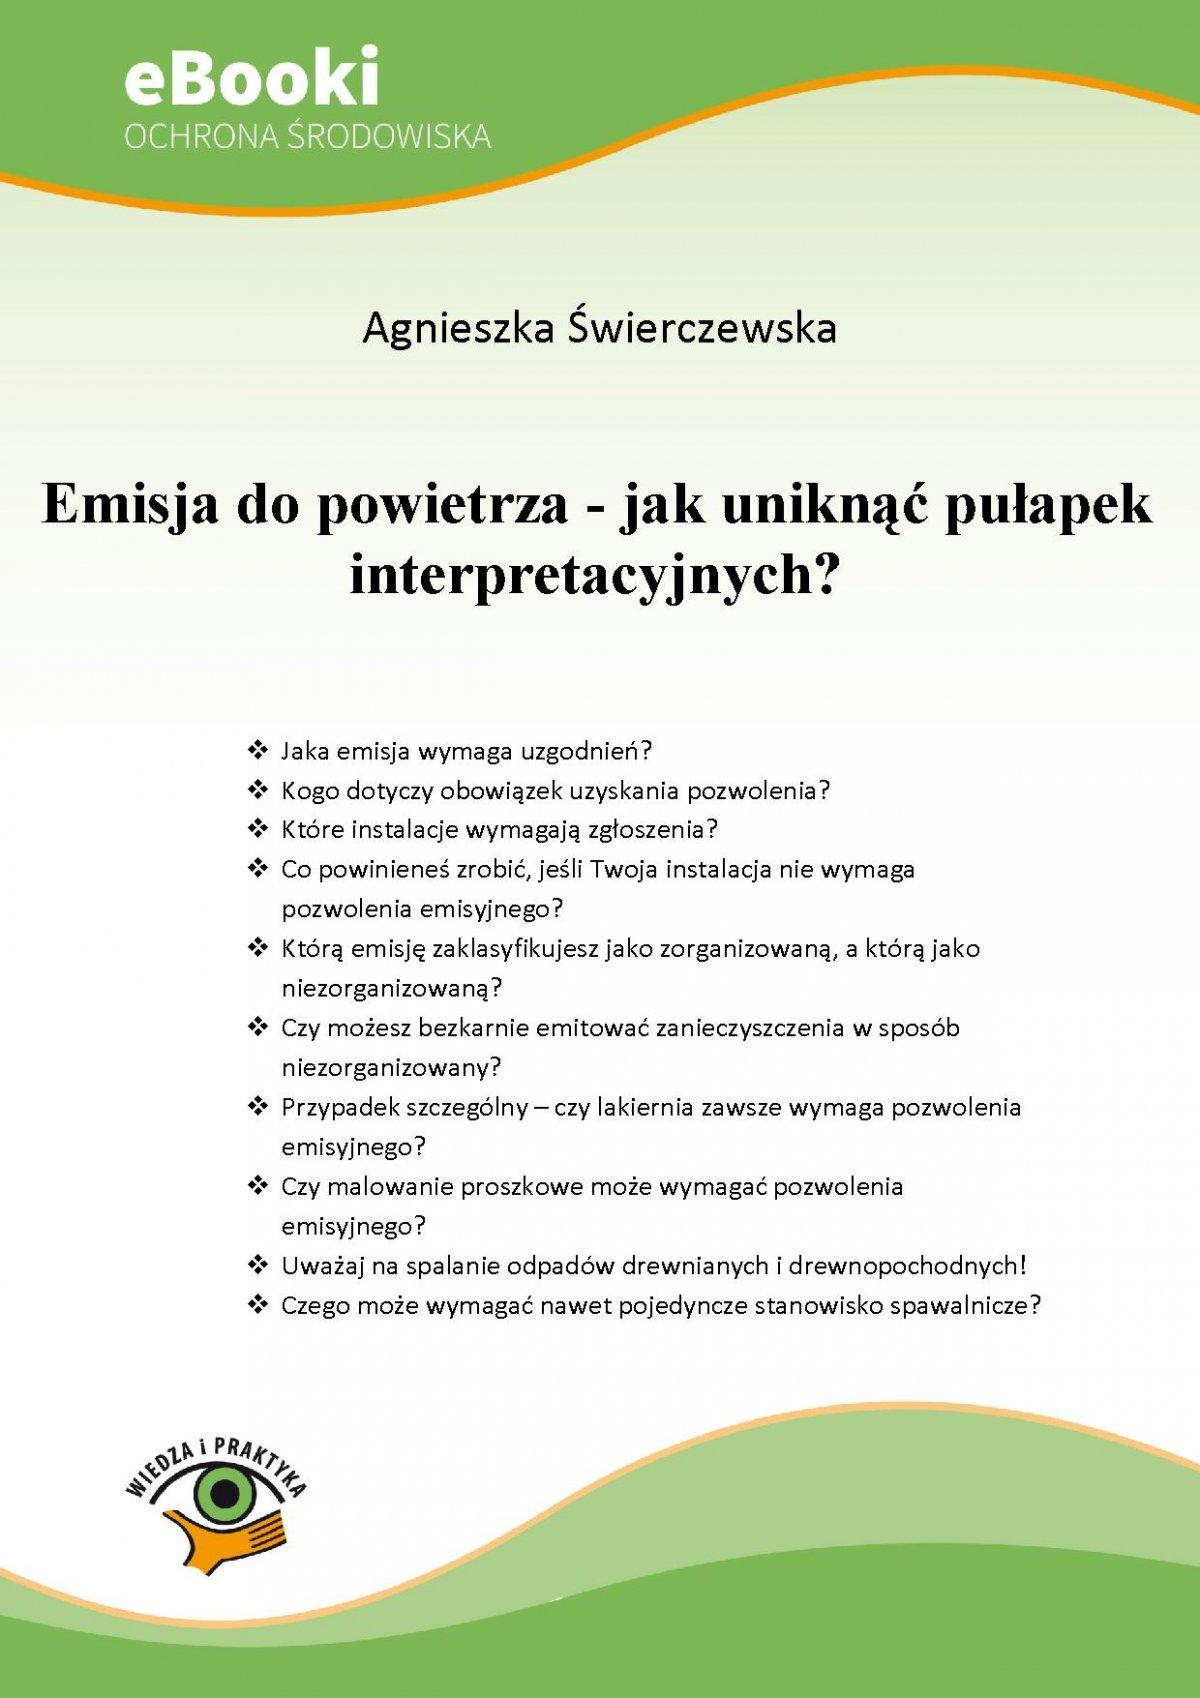 Emisja do powietrza - jak uniknąć pułapek interpretacyjnych? - Ebook (Książka PDF) do pobrania w formacie PDF